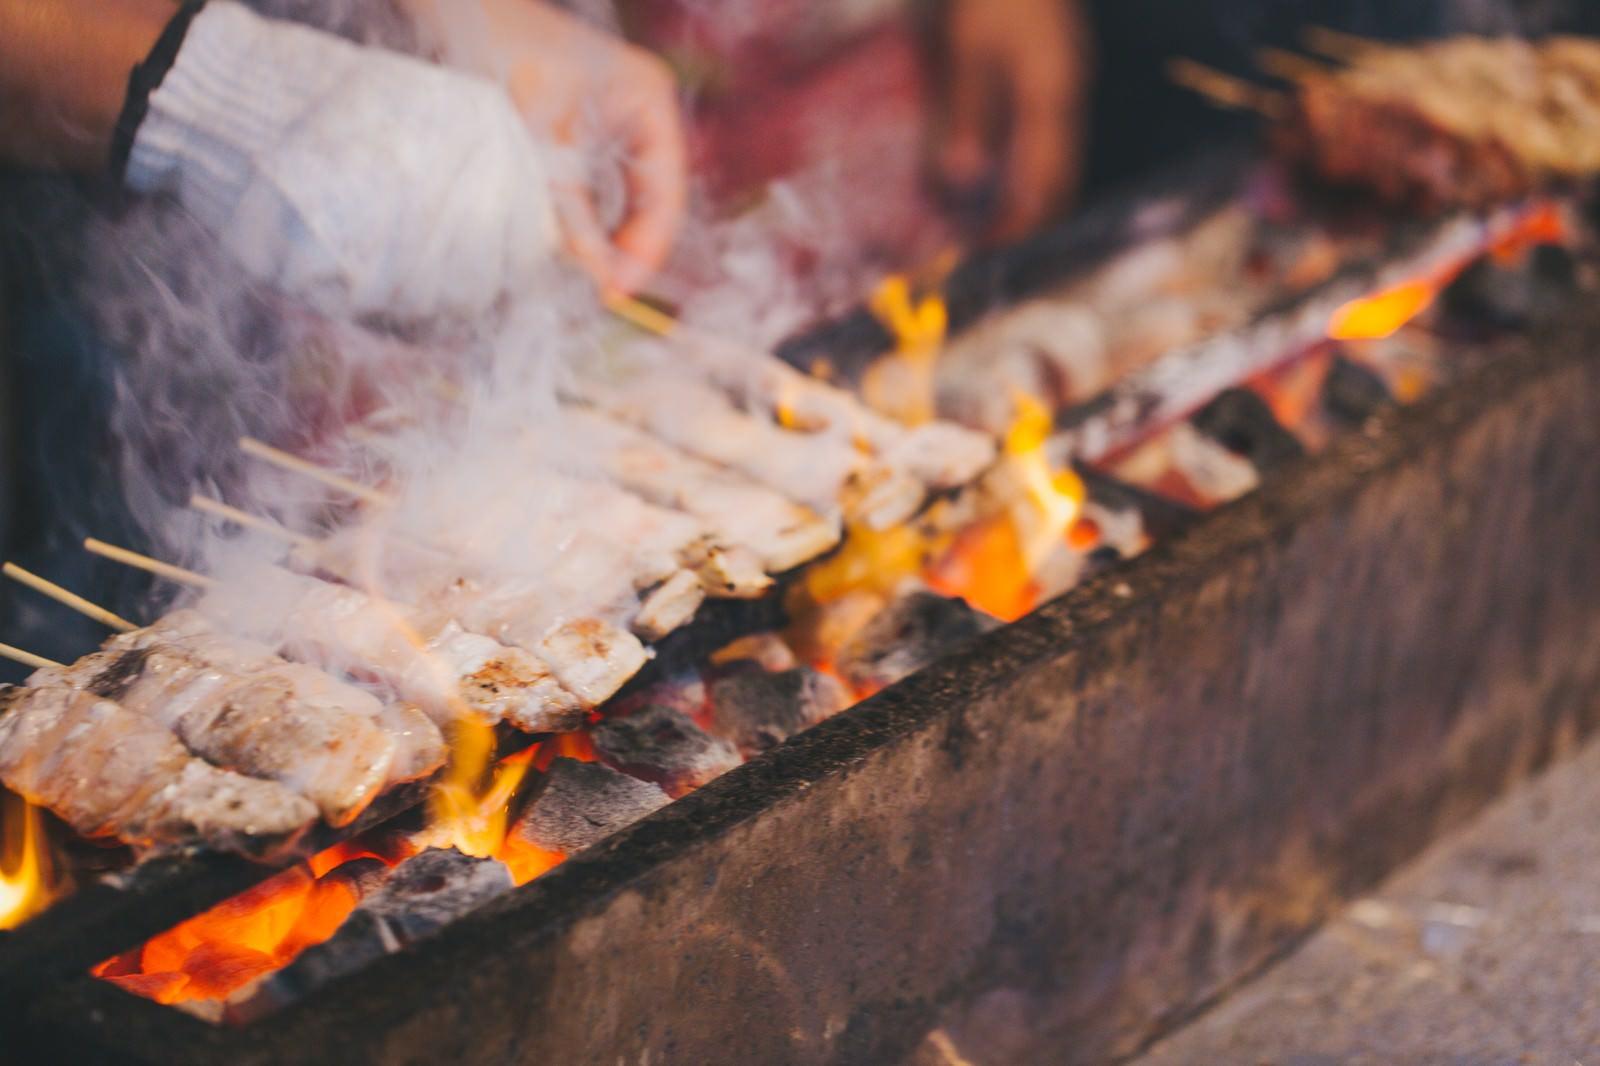 「屋台の焼き鳥屋屋台の焼き鳥屋」のフリー写真素材を拡大